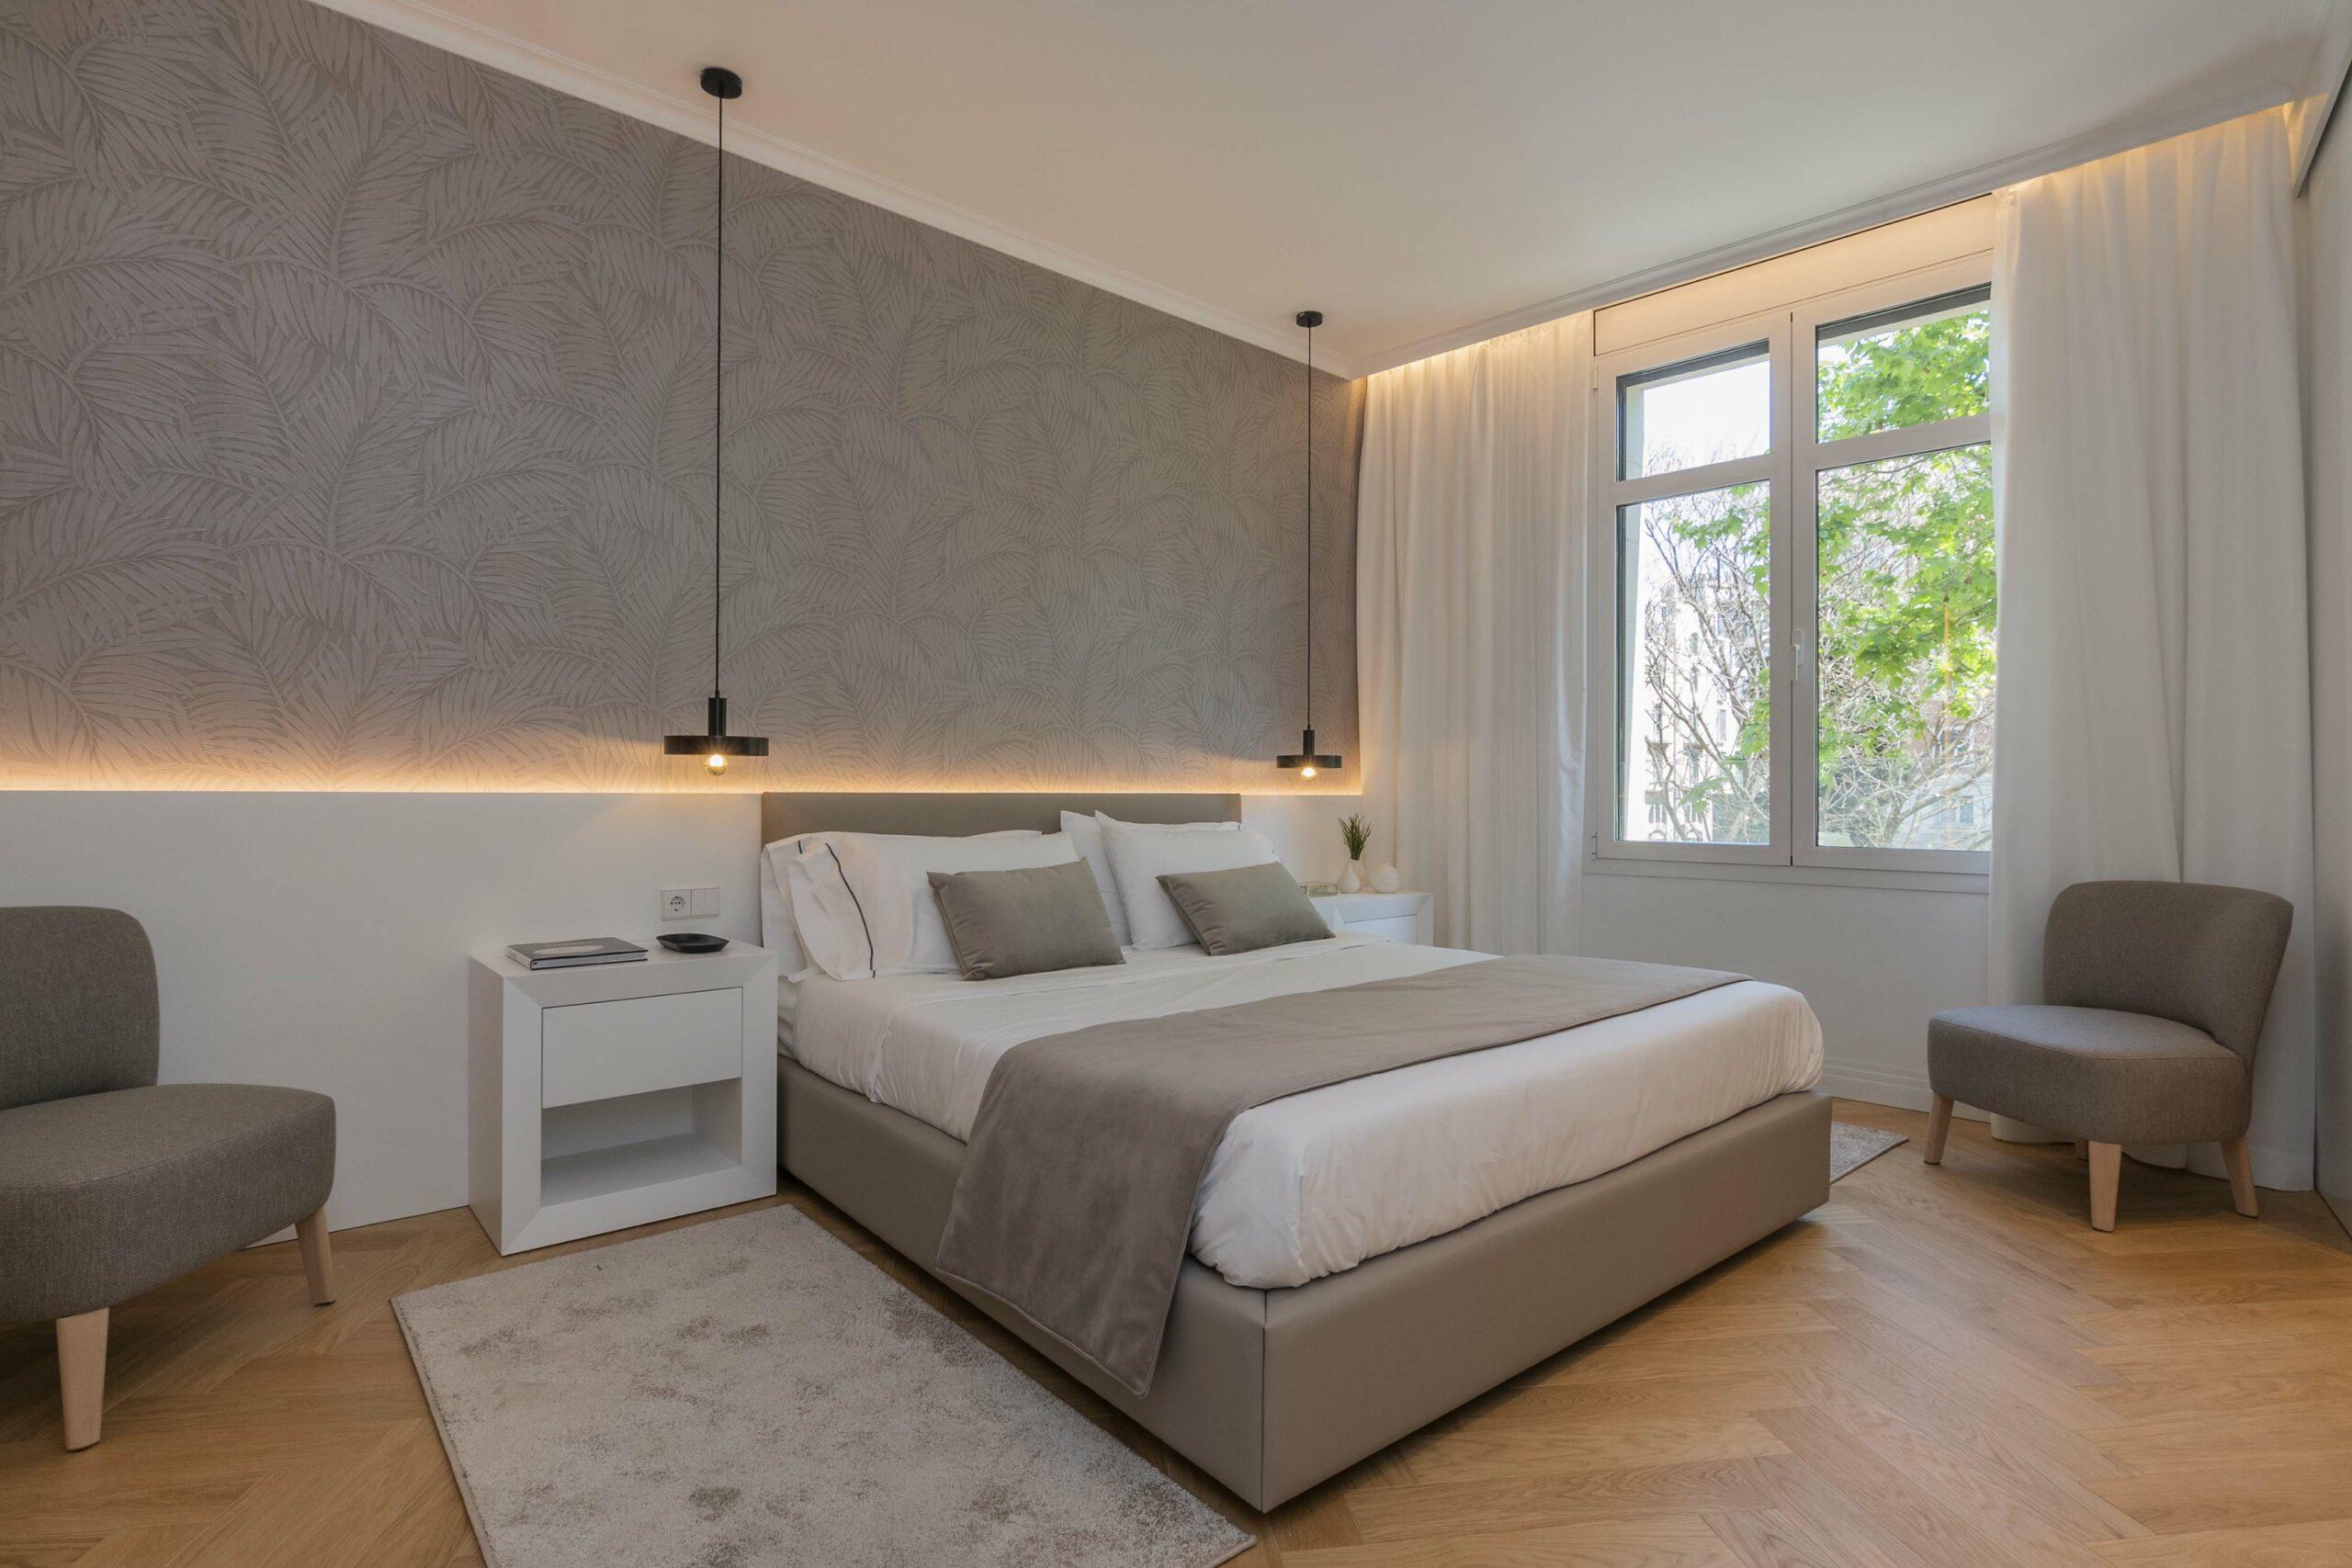 Promocion-B443-KennedyResidencial-Dormitorio-Principal